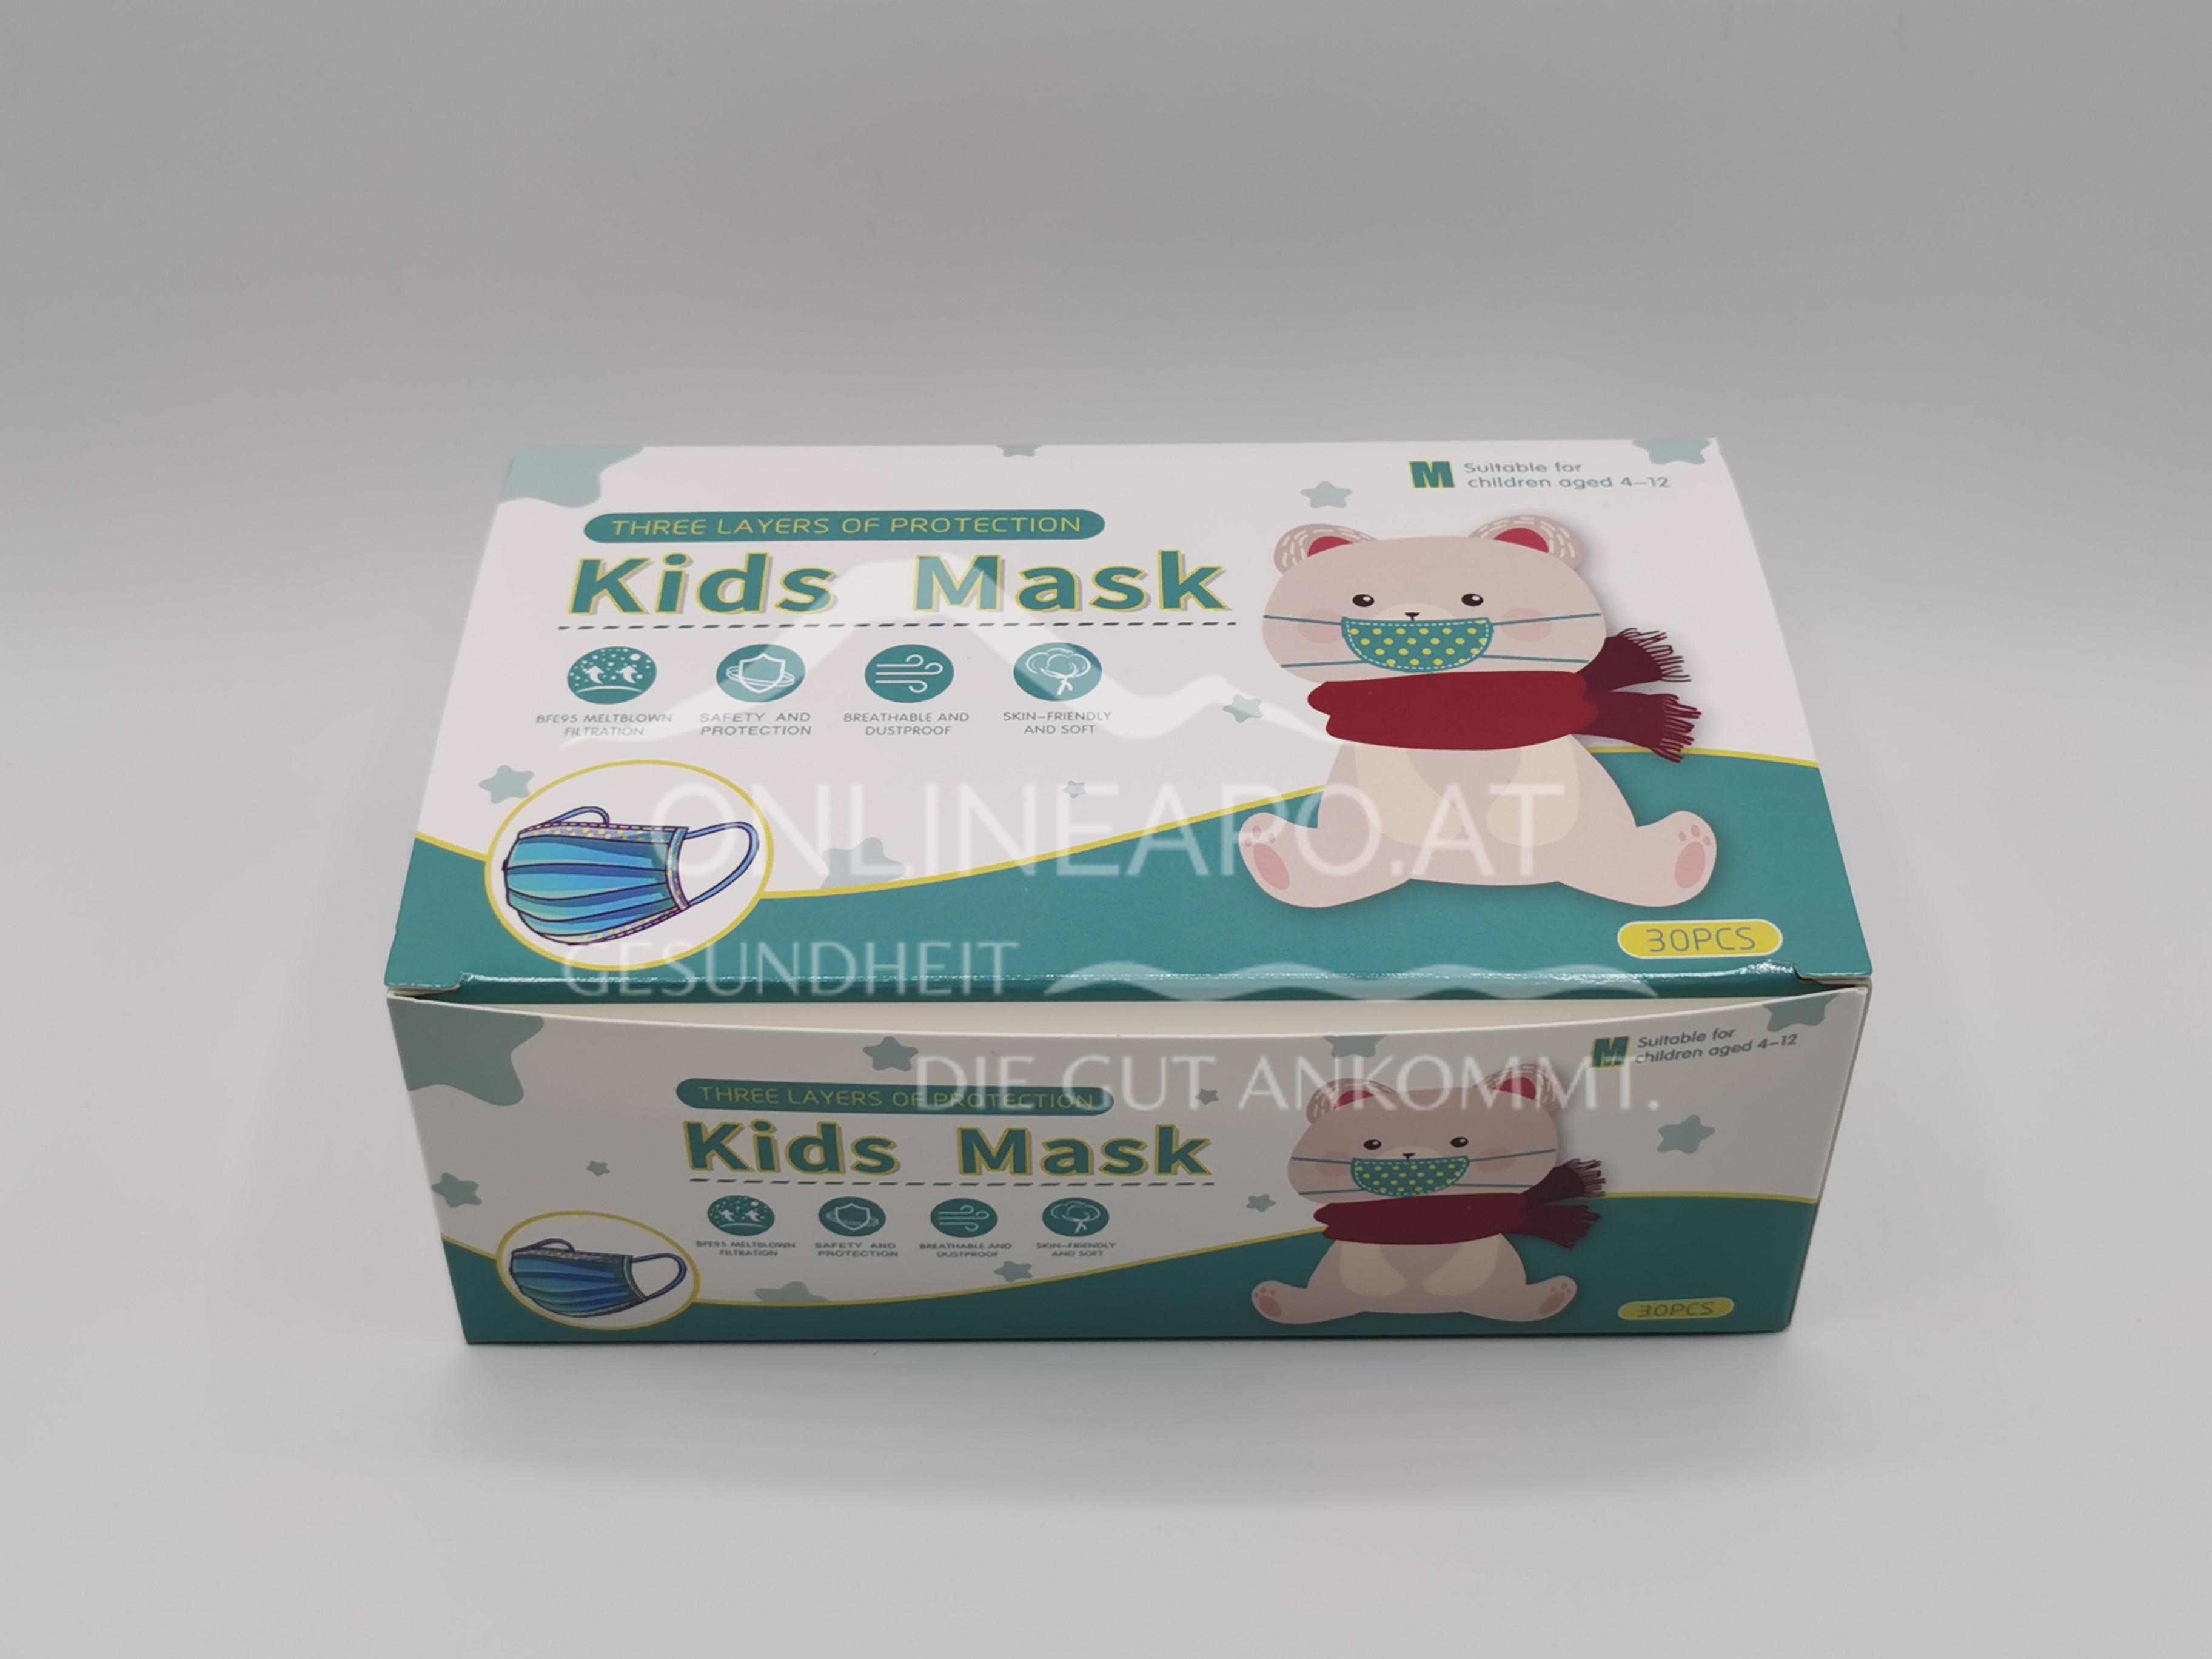 Mund-Nasen-Schutz Maske Kinder